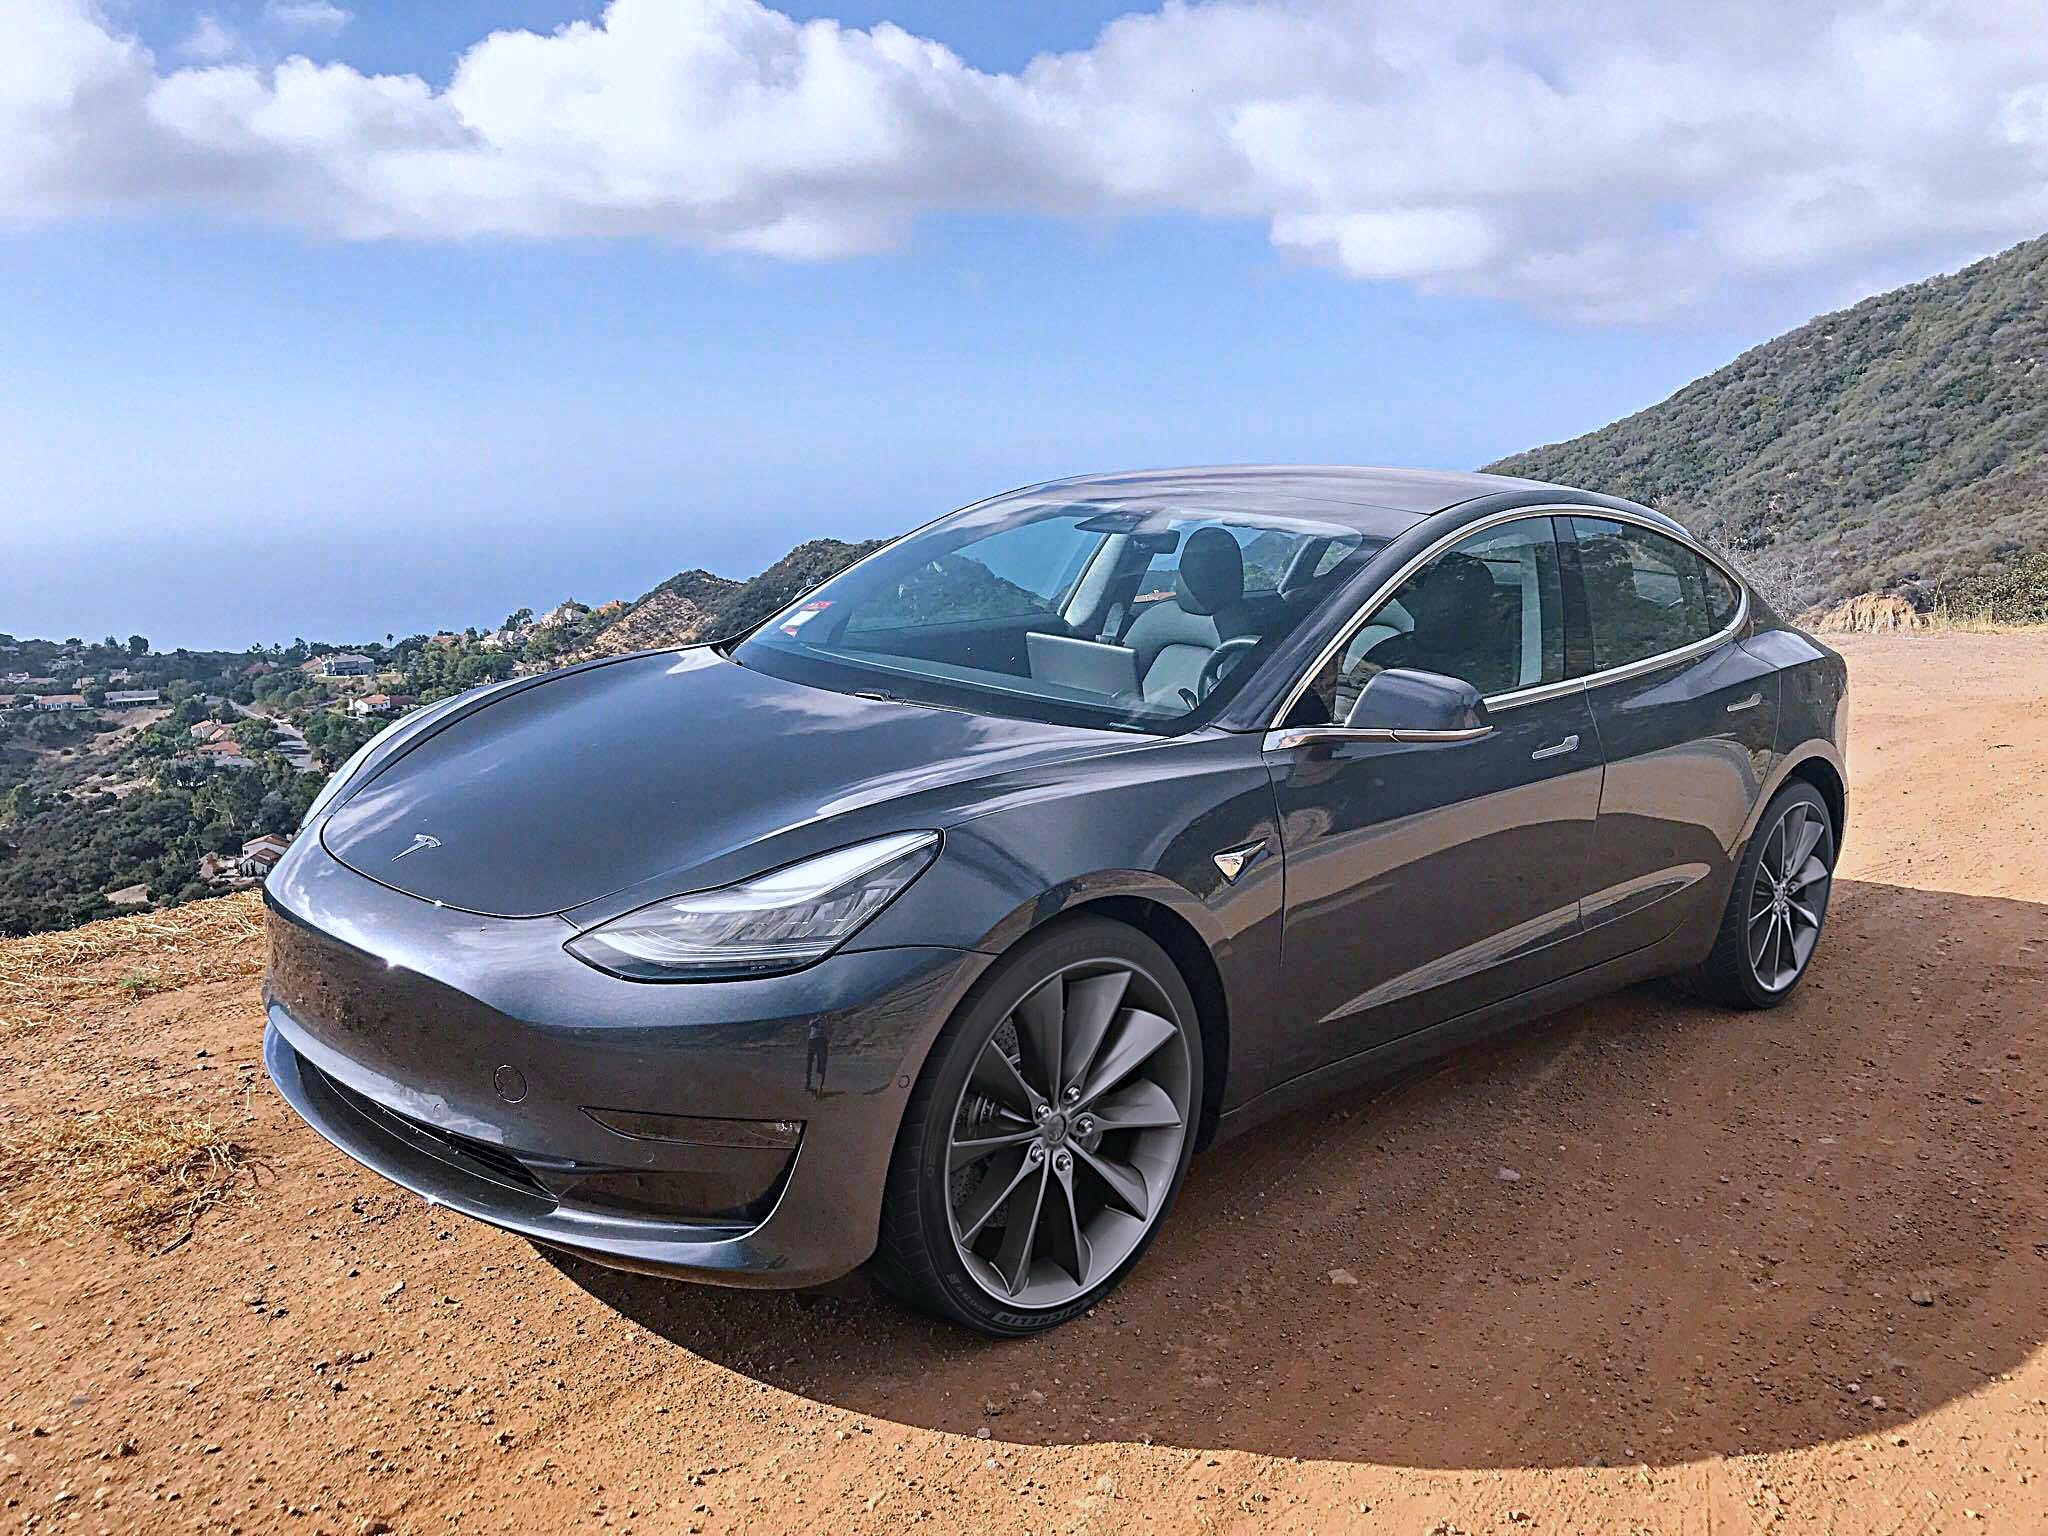 EV_Wheel_Direct_EVT_Wheel_for_Tesla_Model_3_-_FRONT_2